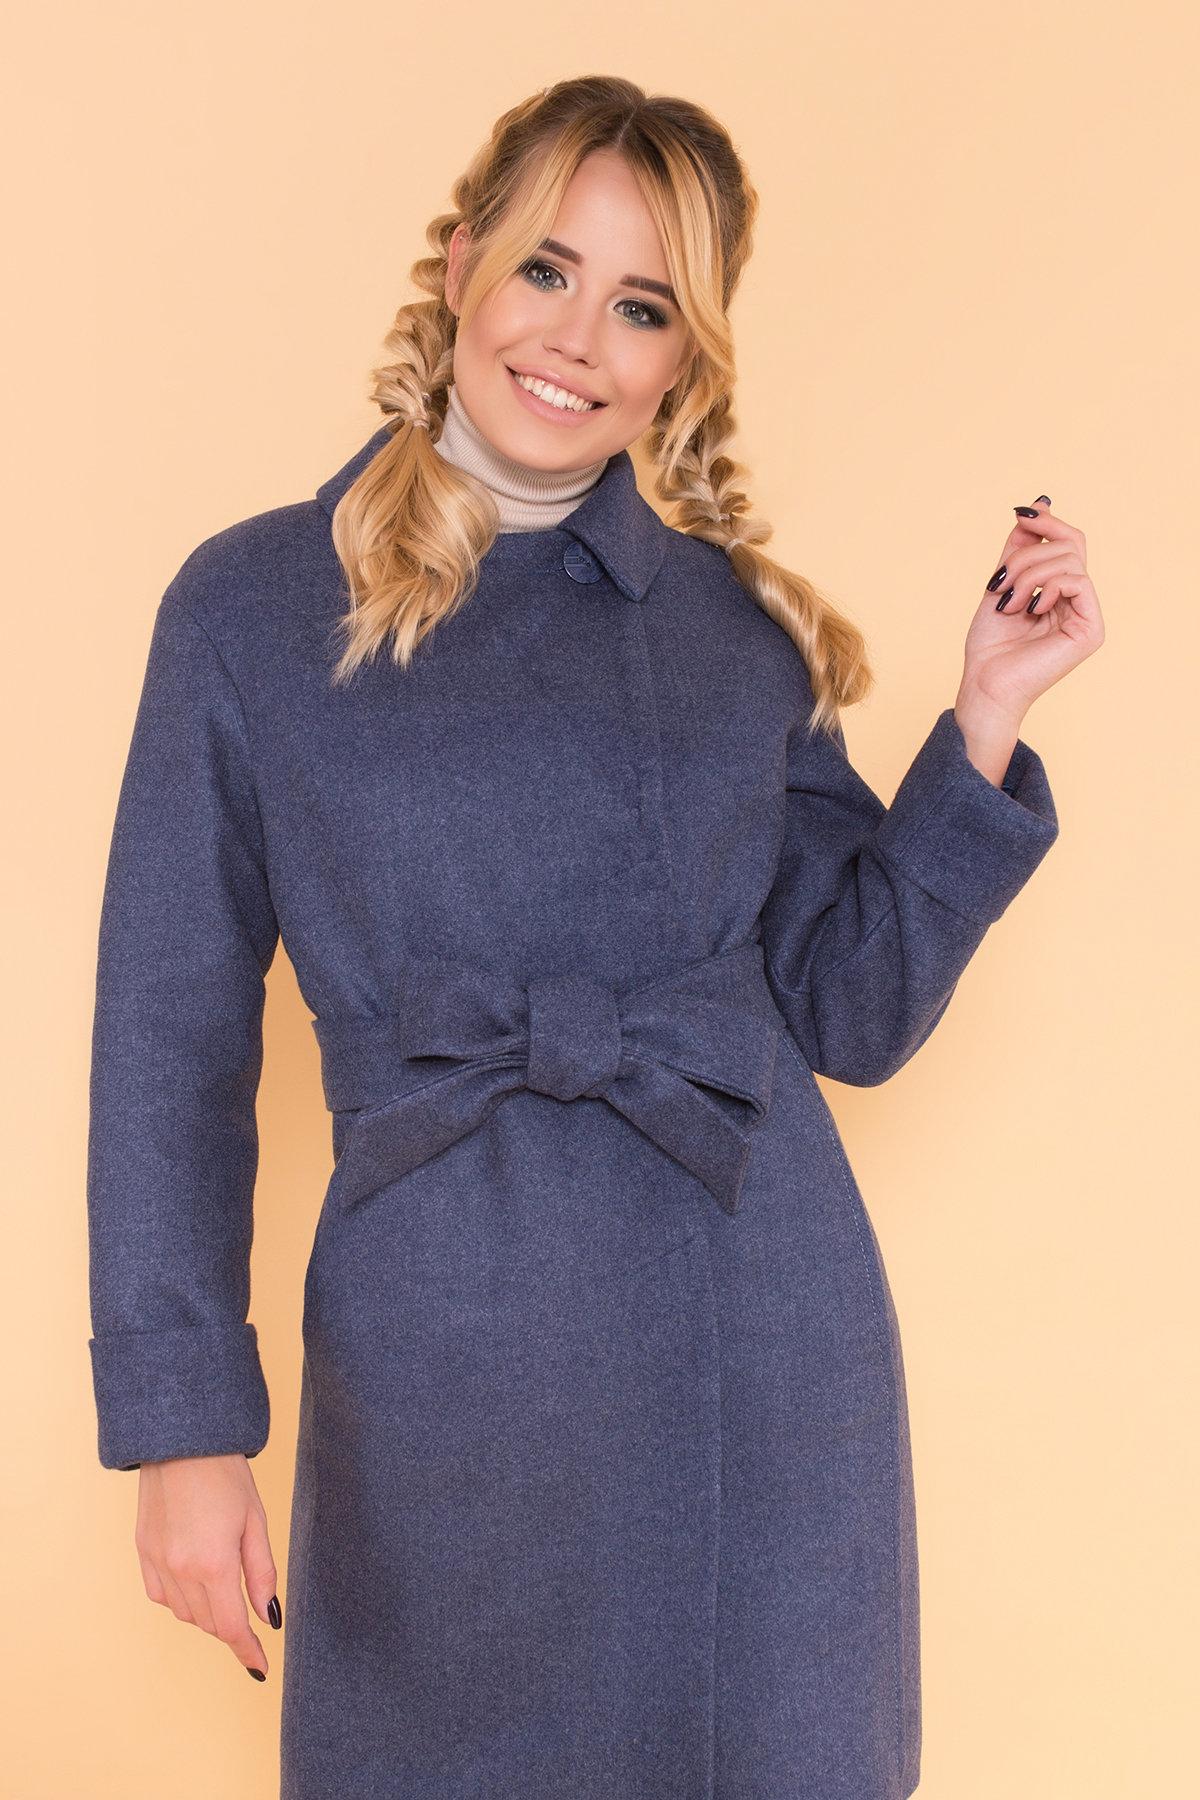 Классическое однобортное пальто зима с отложным воротником Приора 5835 АРТ. 39410 Цвет: Джинс - фото 5, интернет магазин tm-modus.ru